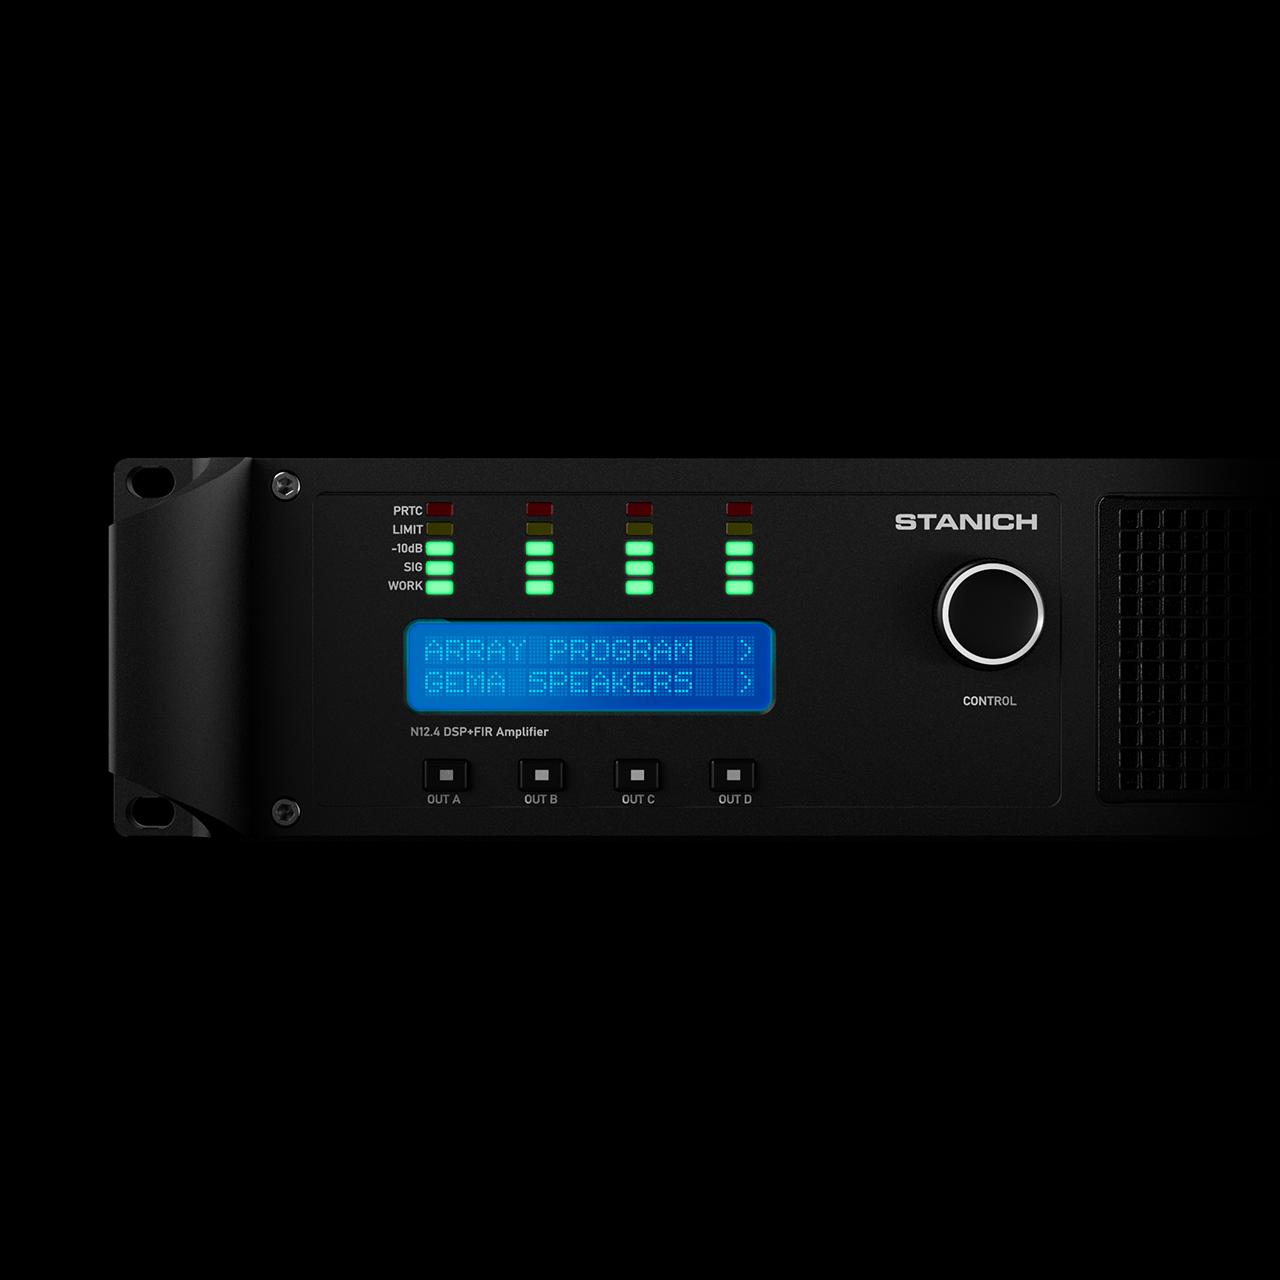 Amplificador N12.4